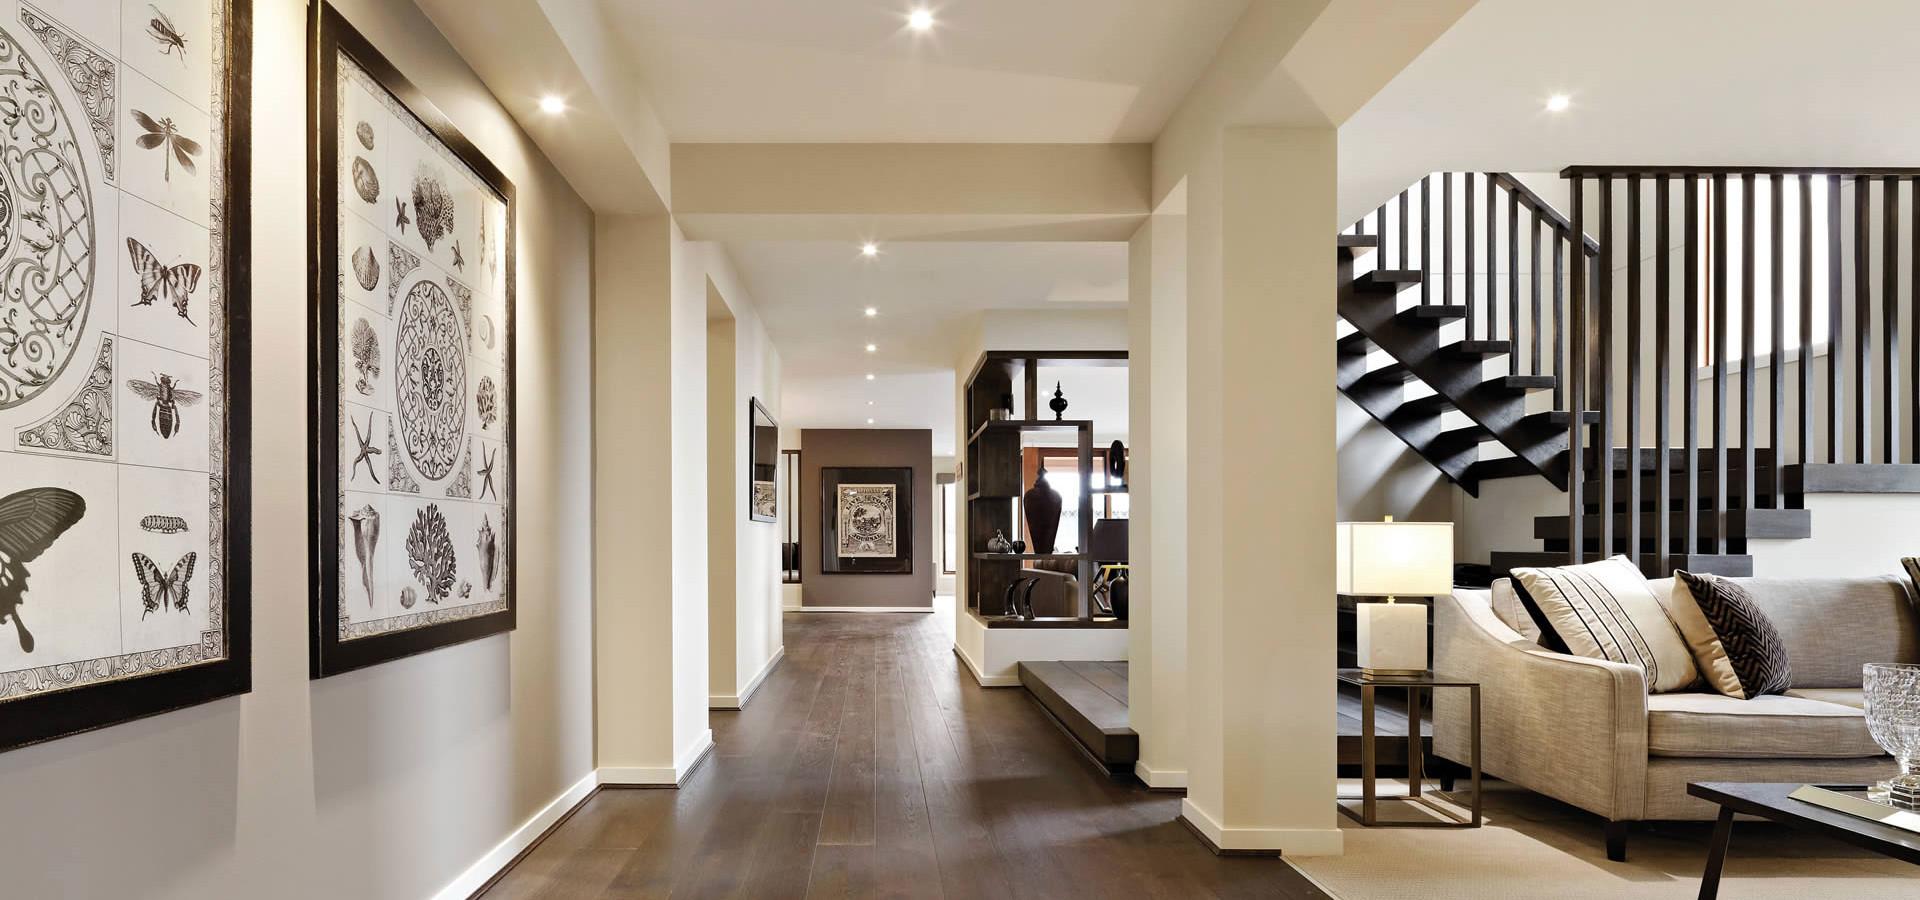 Een gezellige entree in huis zorgt voor een warm welkom sfeer en living - Deco gang huis ...